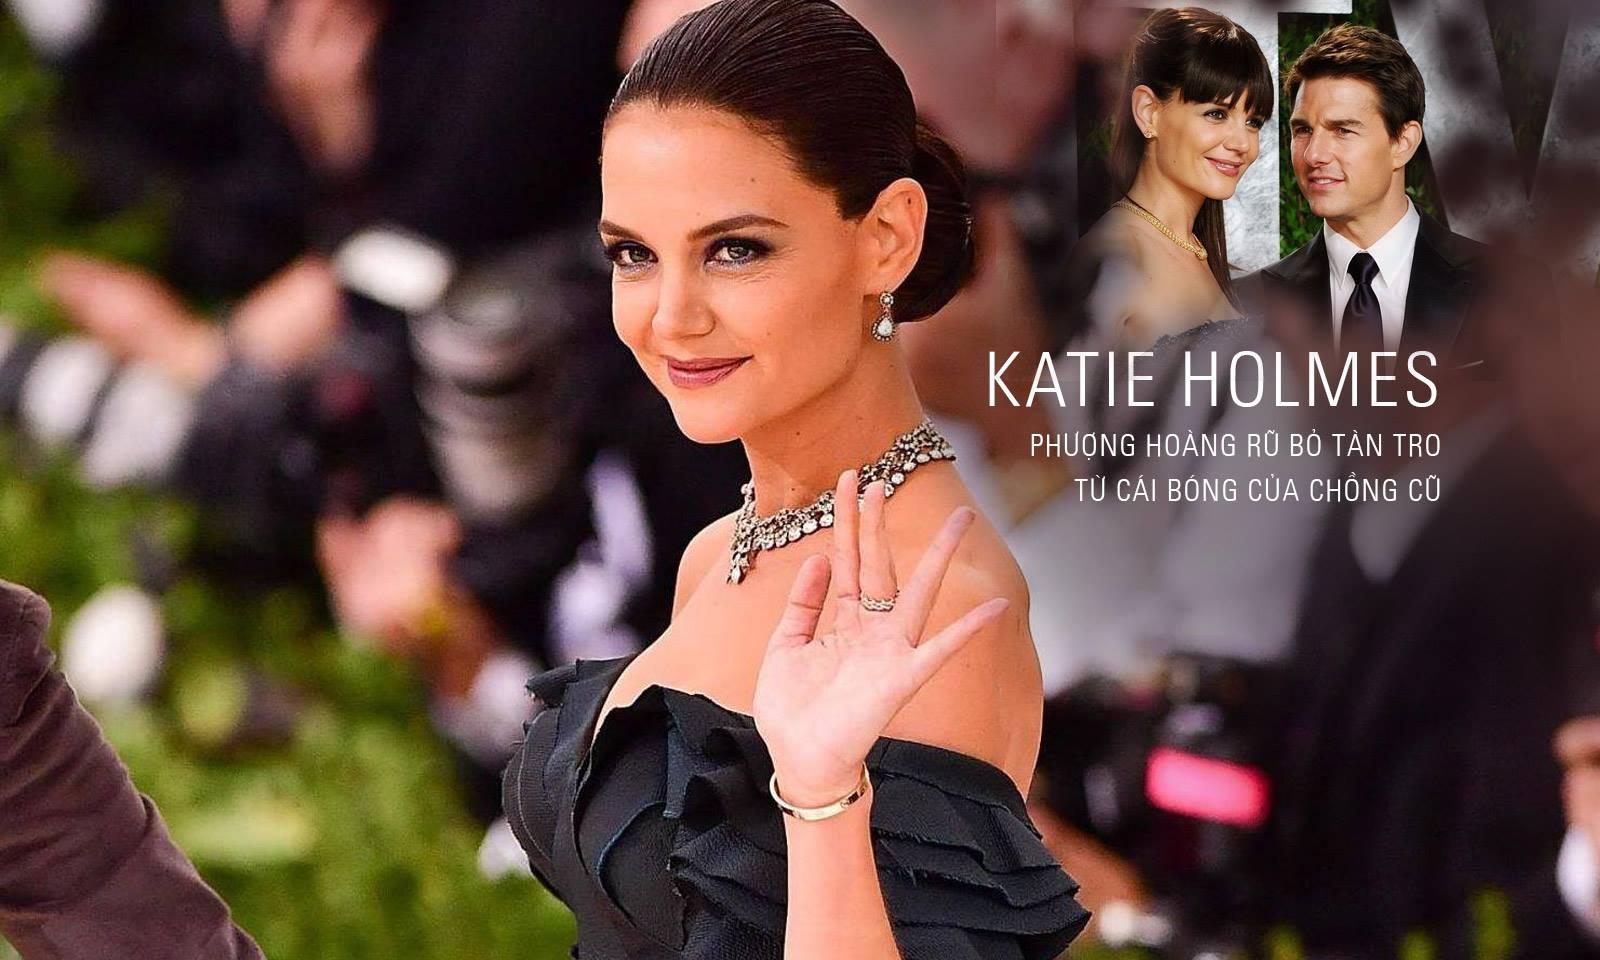 Katie Holmes: Thoát khỏi cái bóng của chồng cũ, vươn lên như phượng hoàng từ đống tro tàn